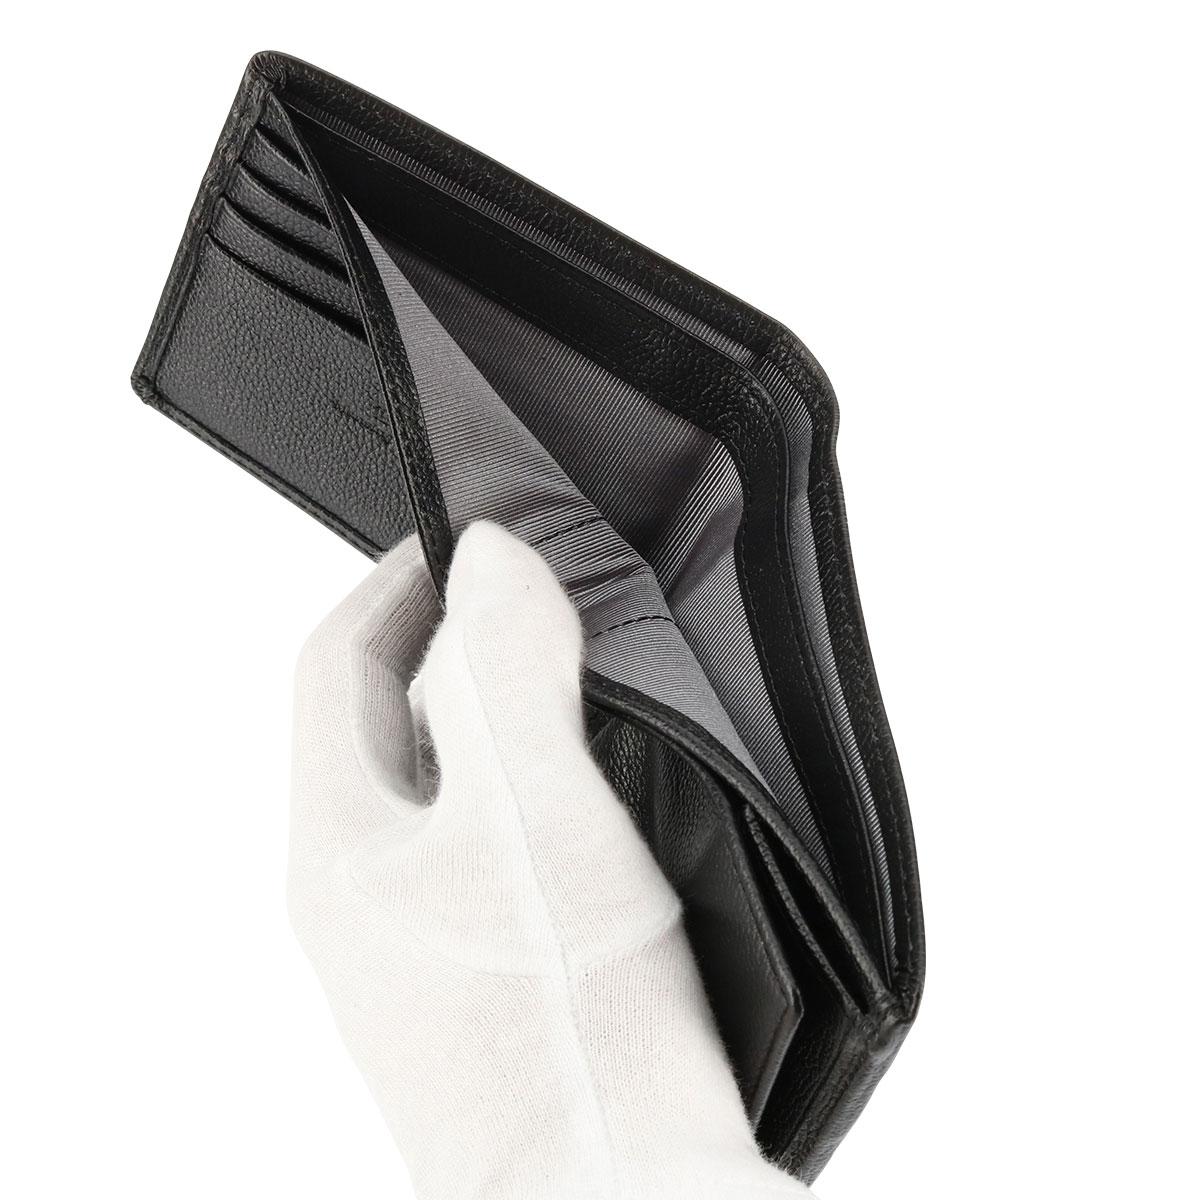 マンシングウェア 二つ折り財布 MU4060118 エンブレム MunsingwaerPO5bef即日発送QCrhtds